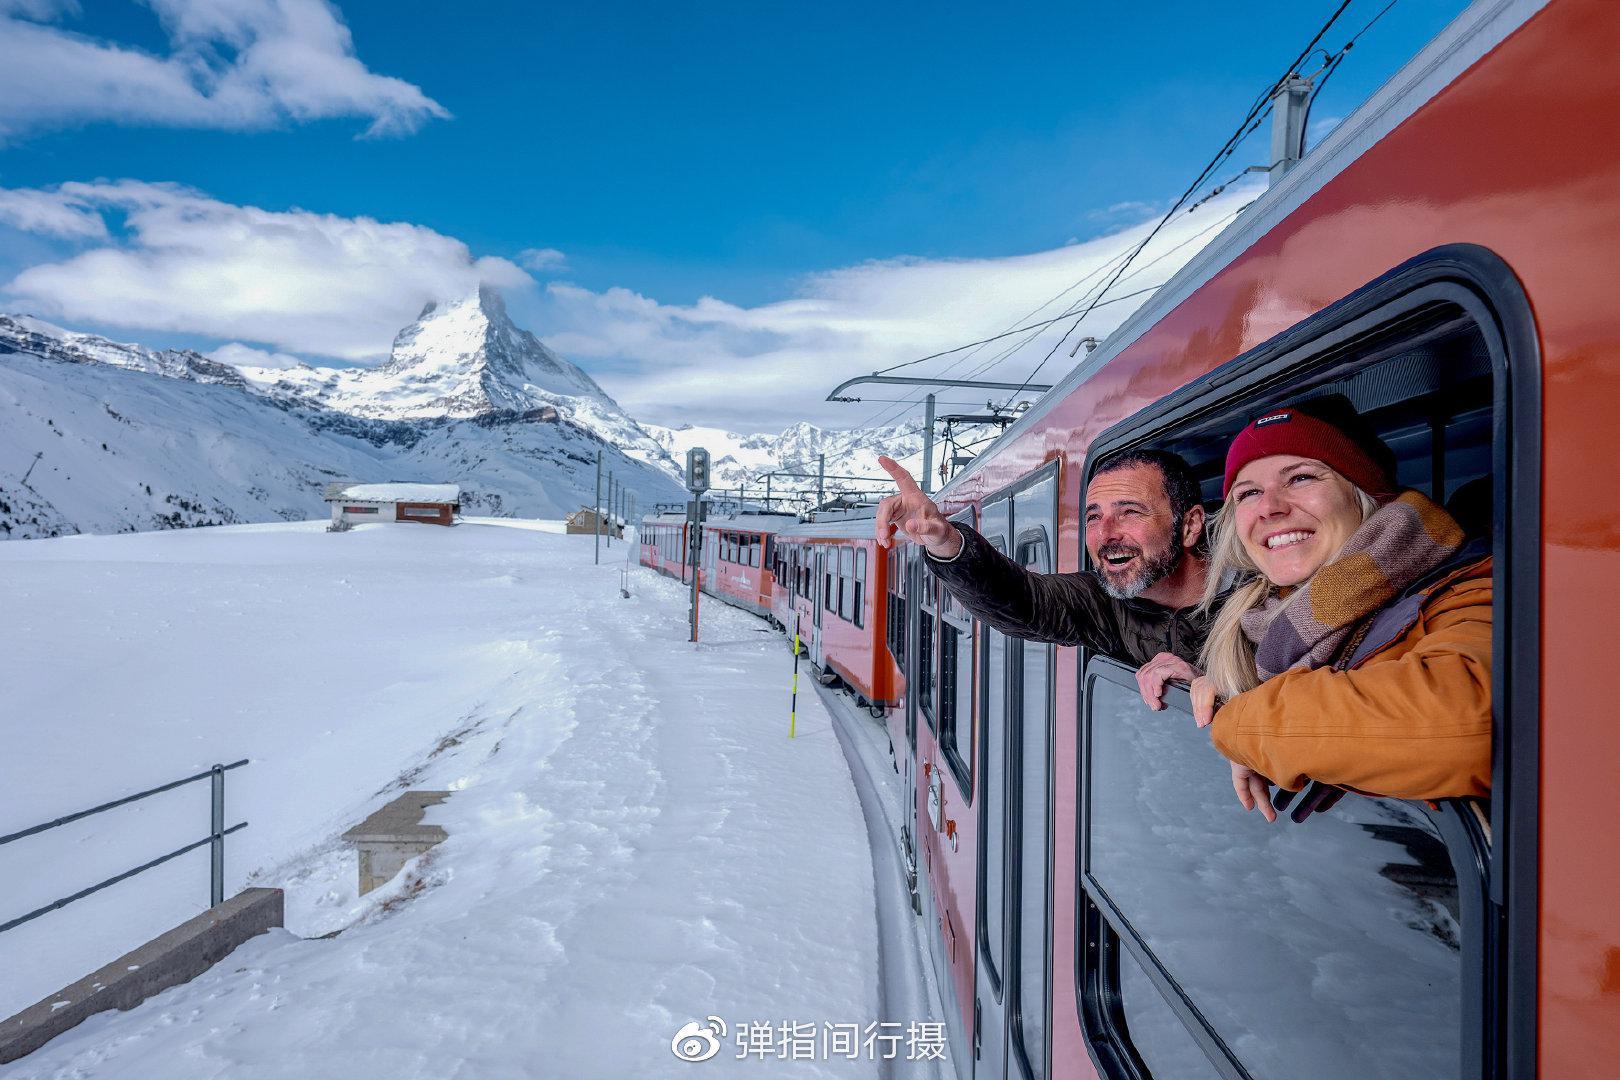 """瑞士最美雪山 不是著名的少女峰 而是這座低調的""""歐洲山王""""_新浪旅游_新浪網"""